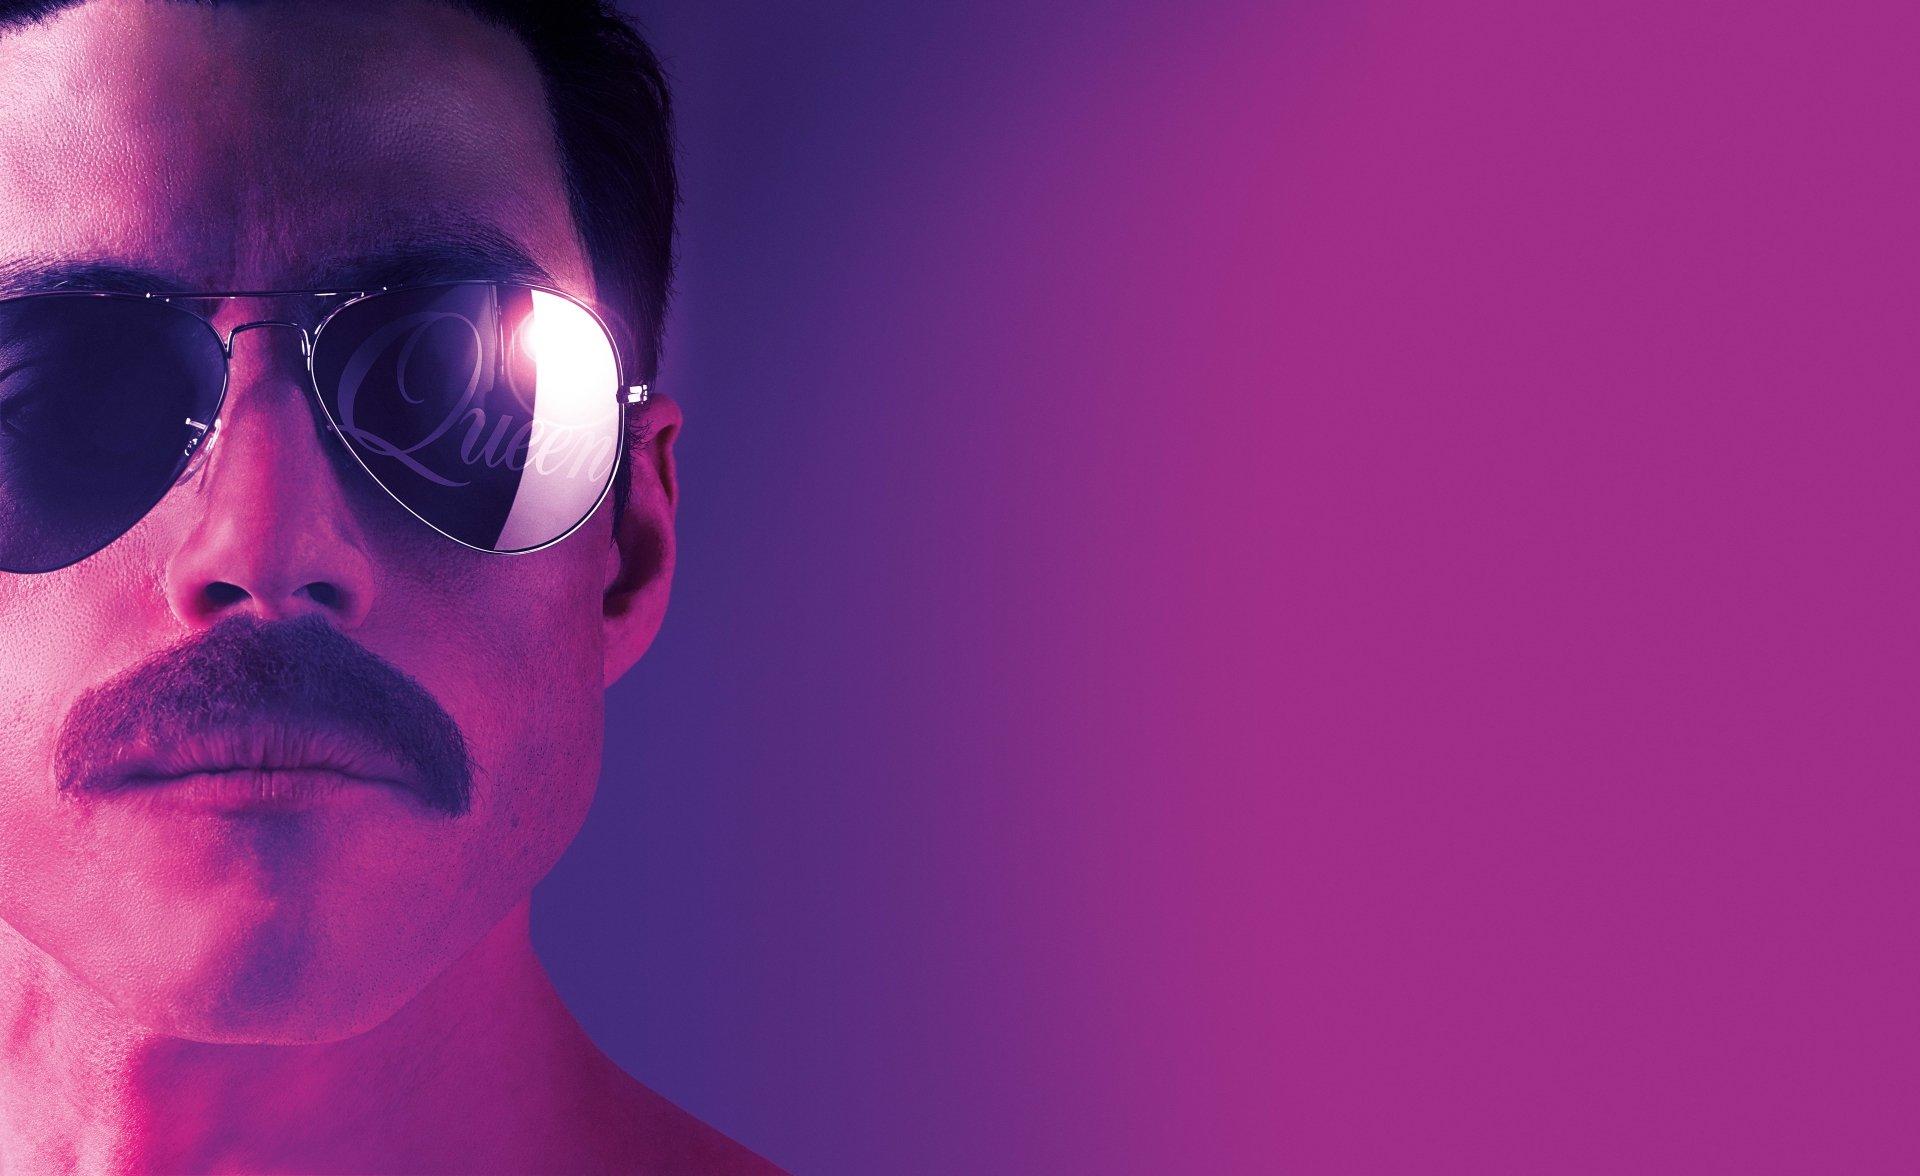 Bohemian Rhapsody 8k Ultra HD Wallpaper | Background Image | 15679x9600 | ID:955329 - Wallpaper ...